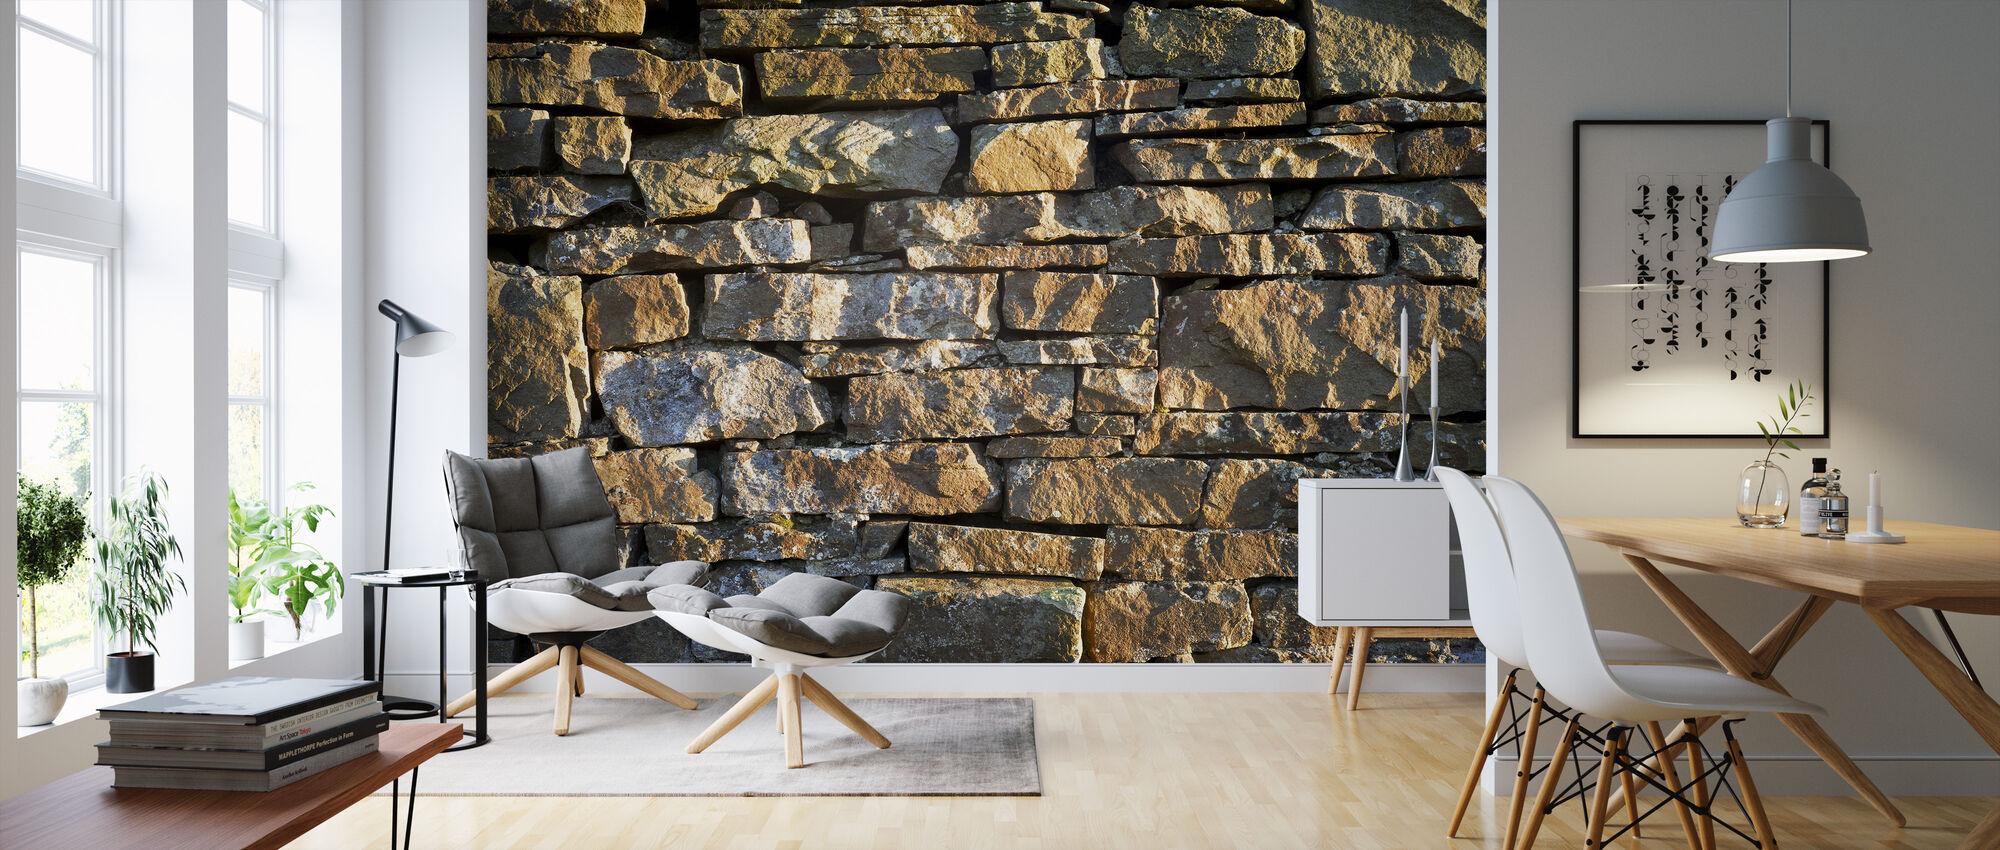 Handgemaakte stenen muur - Behang - Woonkamer